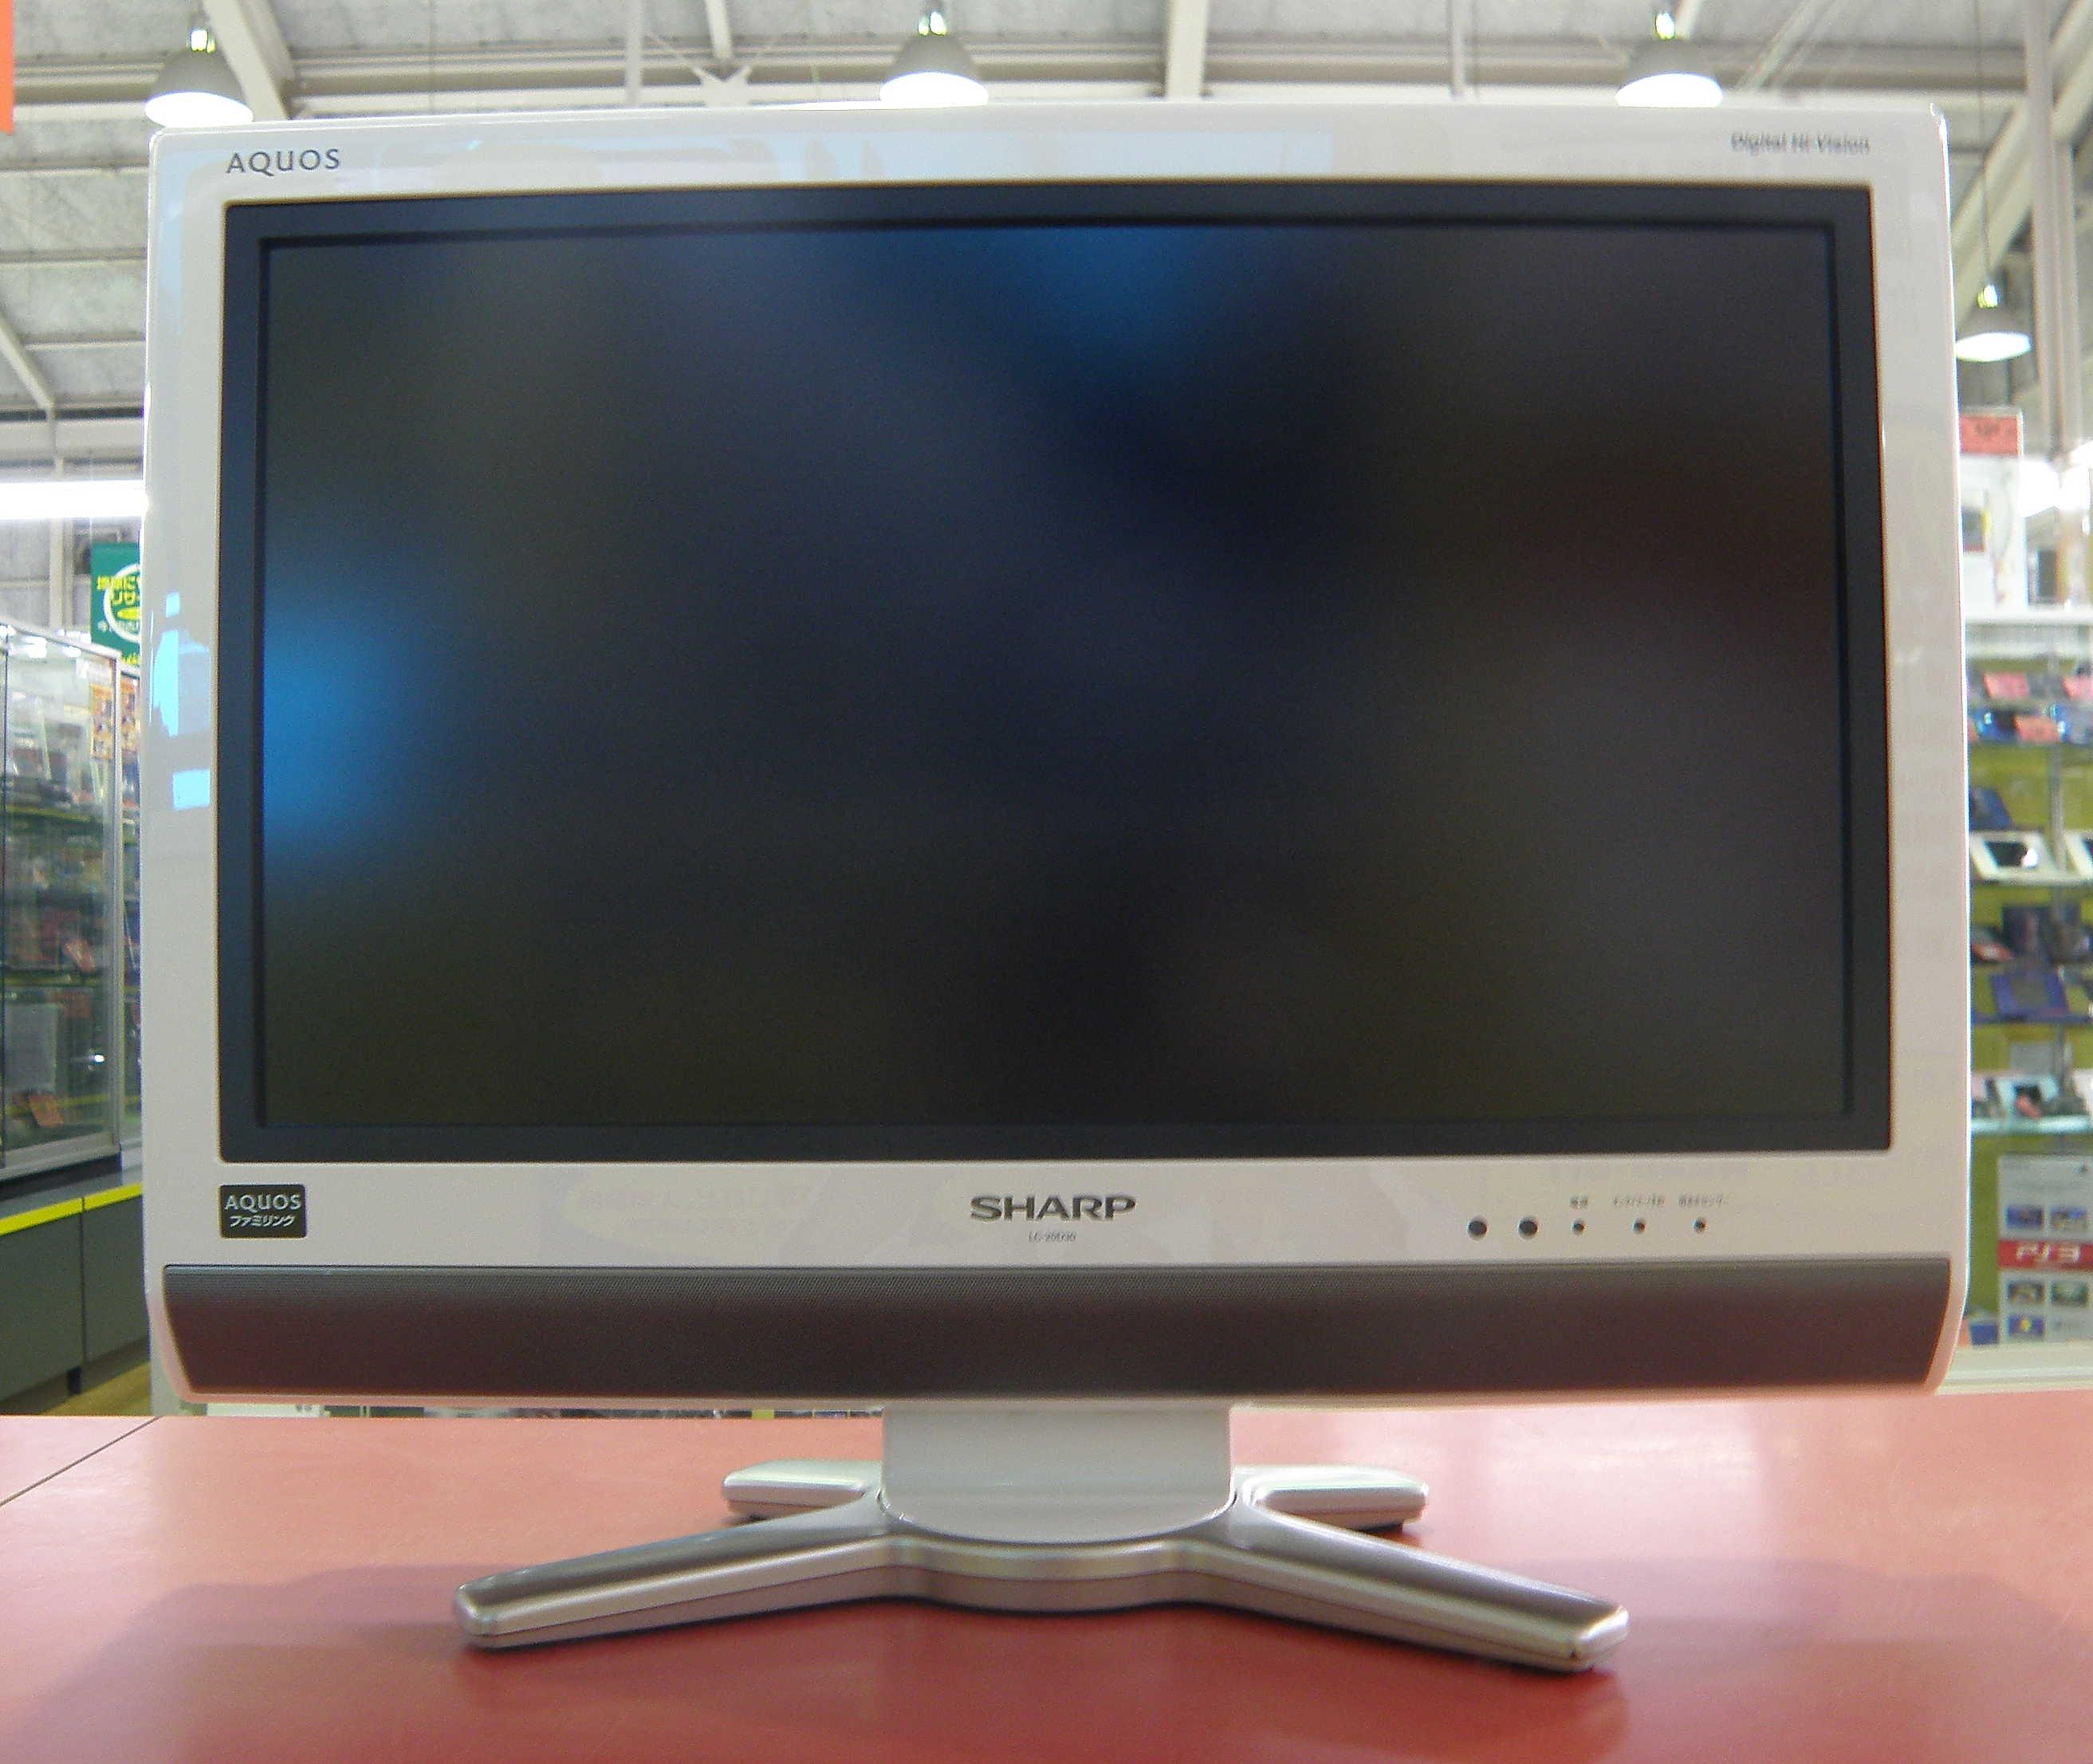 SHARP 液晶テレビ 20インチ AQUOS LC-20D30